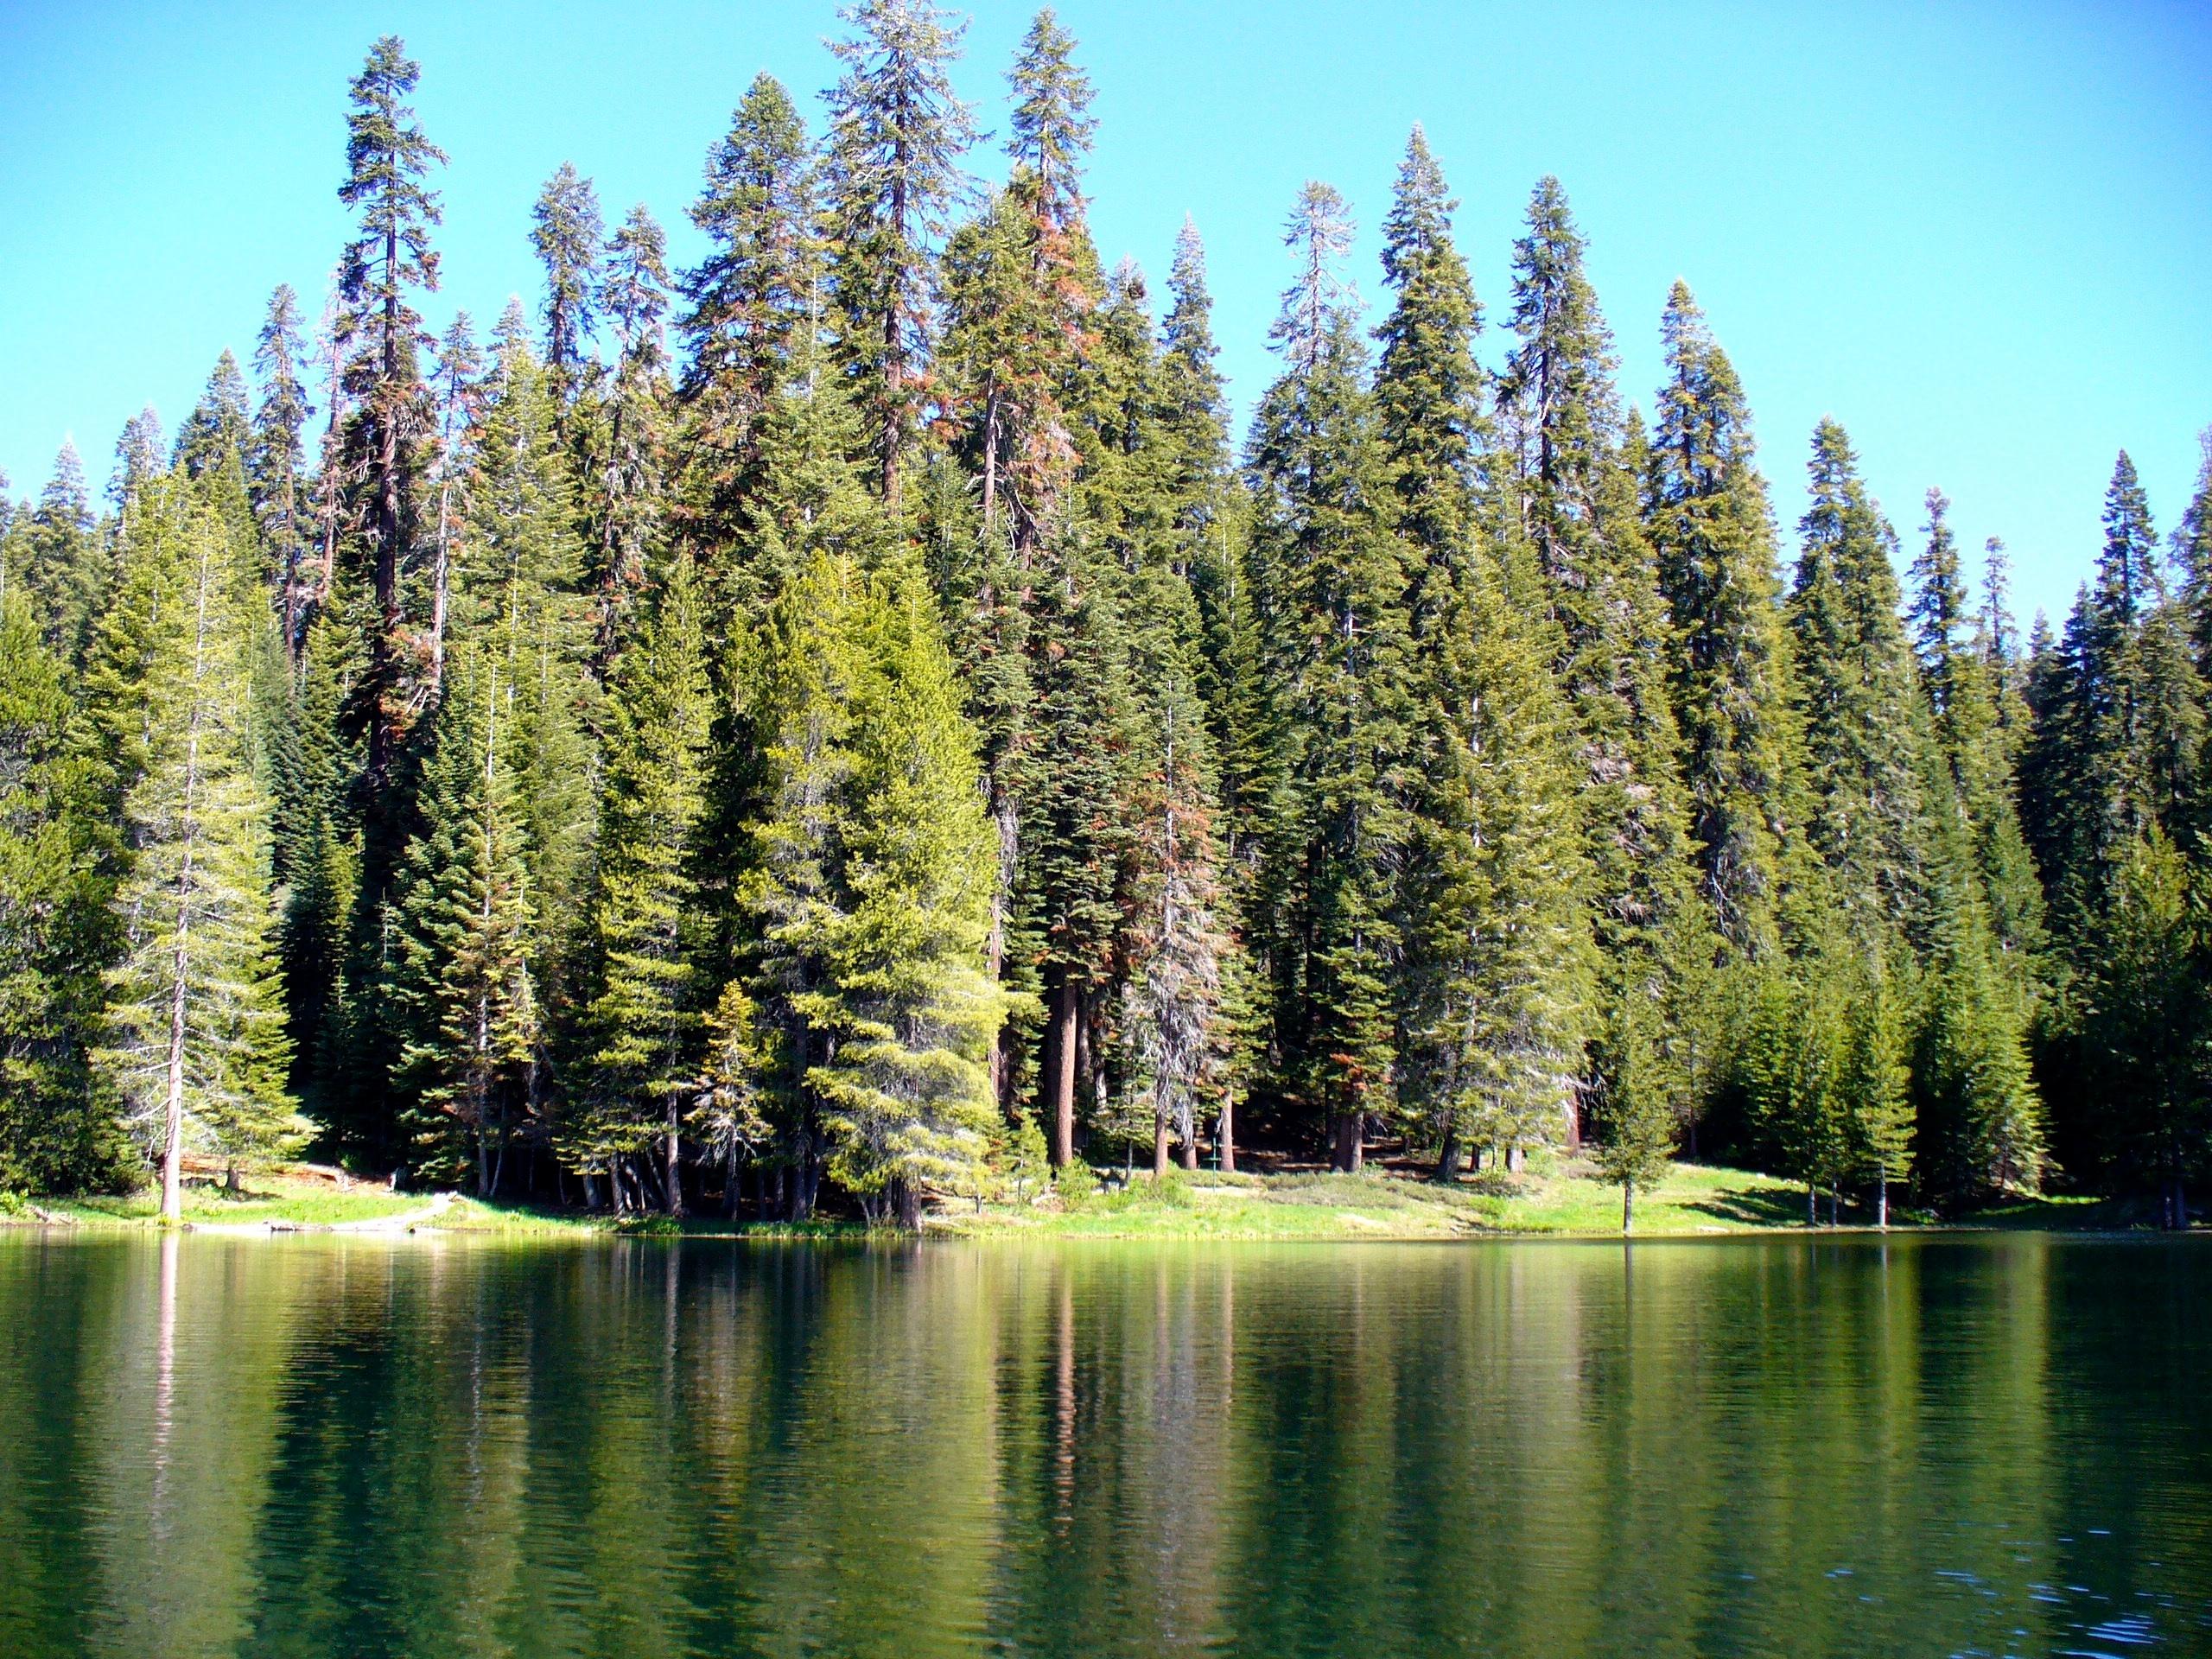 Fotos Gratis : árbol, Bosque, Desierto, Montaña, Planta